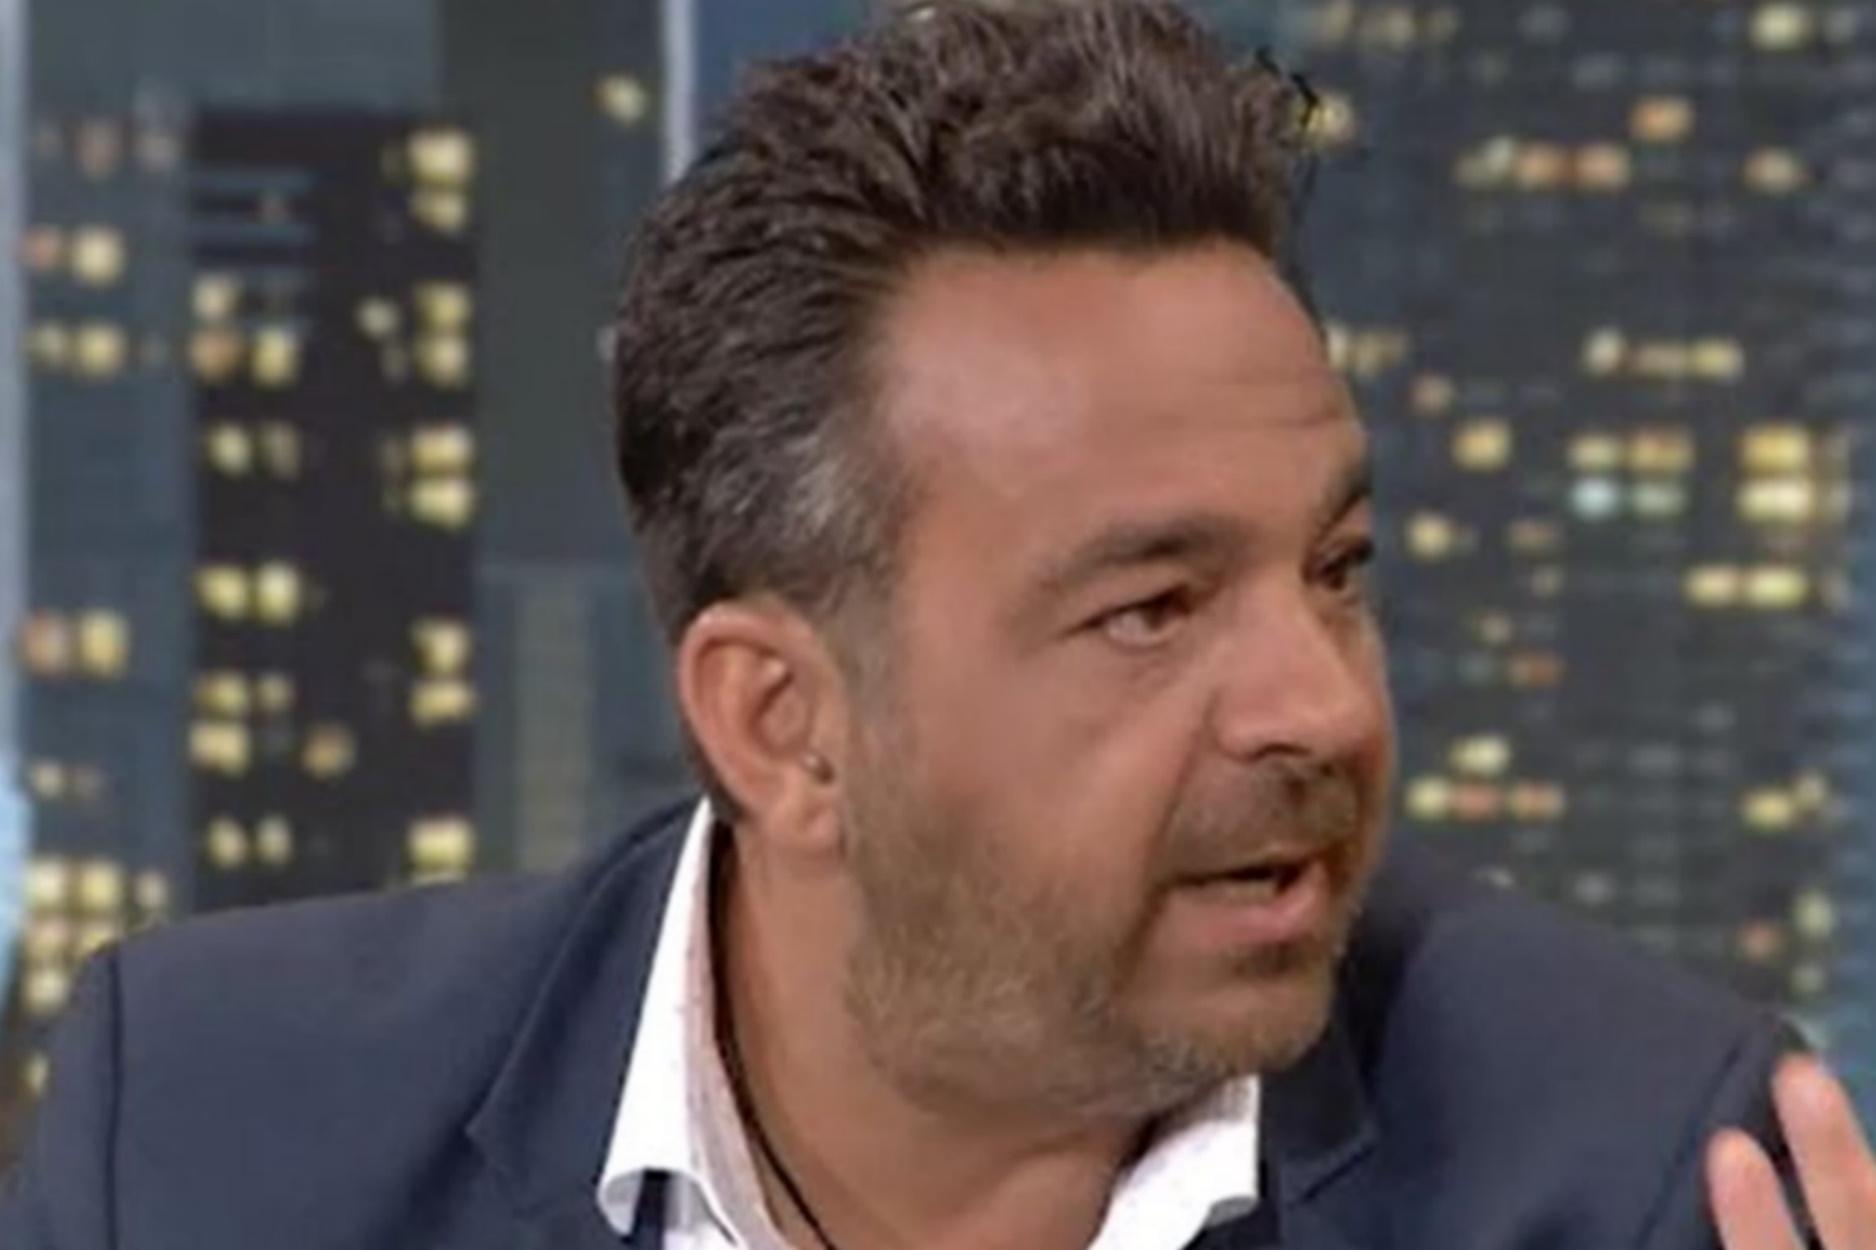 Νίκος Τσιλιπουνιδάκης: Συγκλονιστική ανάρτηση στο Facebook – «Οι 4 μήνες που μου άλλαξαν τα πάντα»